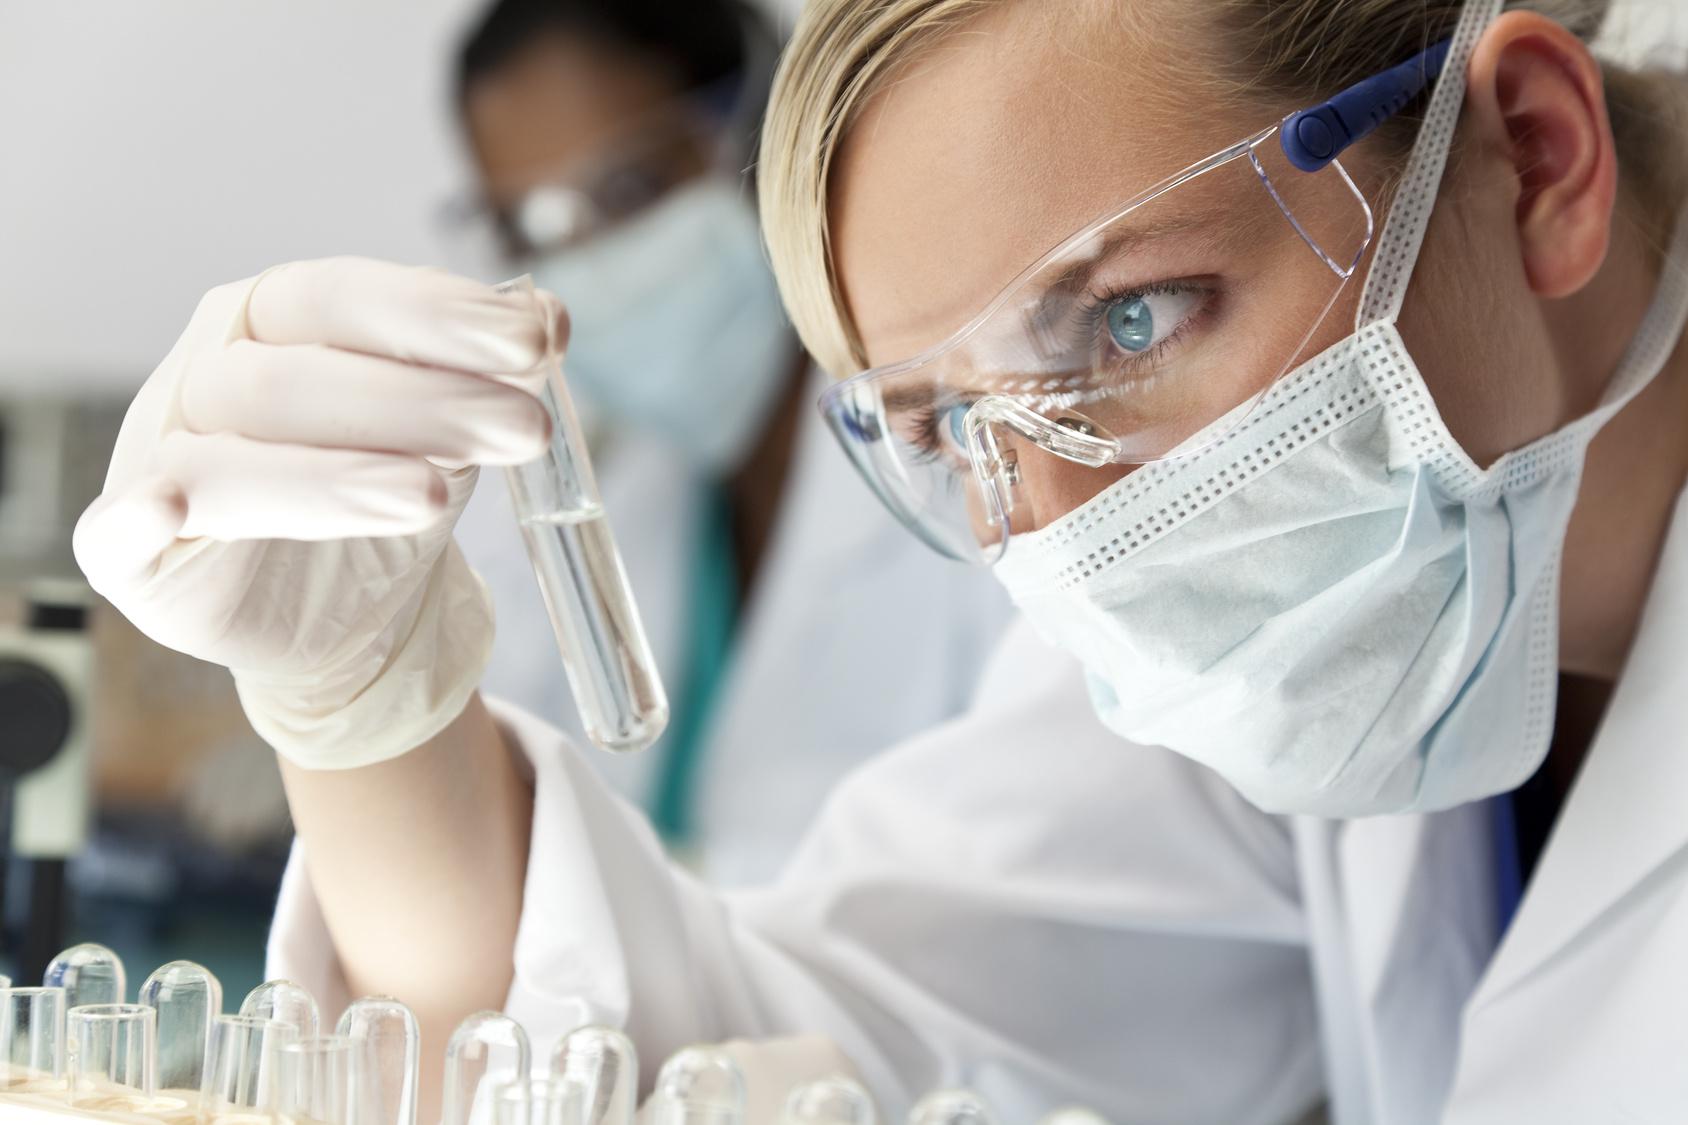 Come accerto una ricerca scientifica?